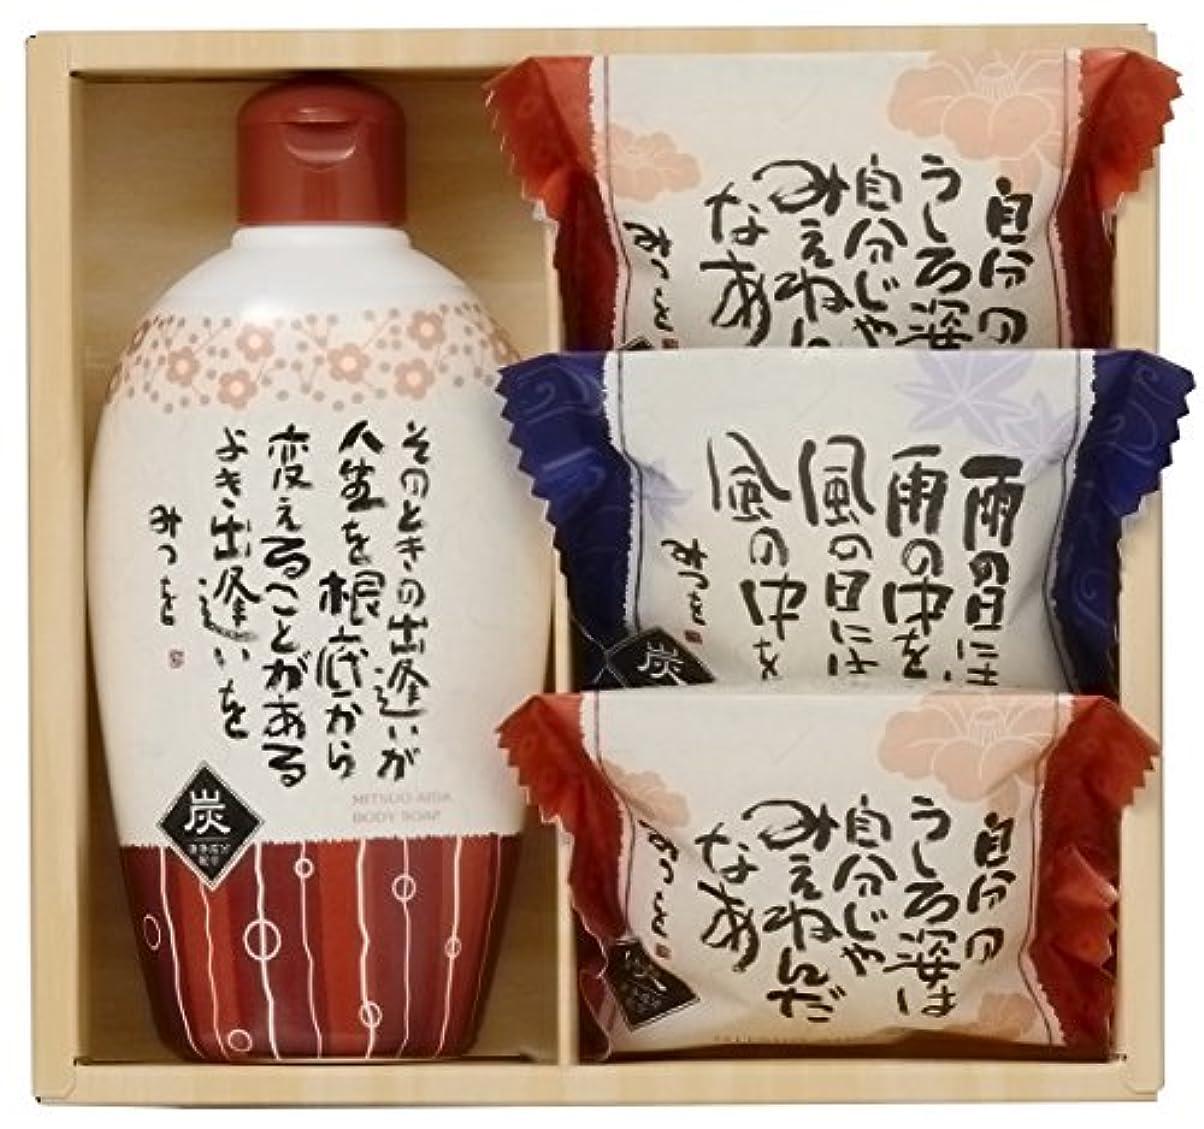 もっともらしいフォーラムリア王田中太商店 ギフト 相田みつを炭ソープセット YKA-10